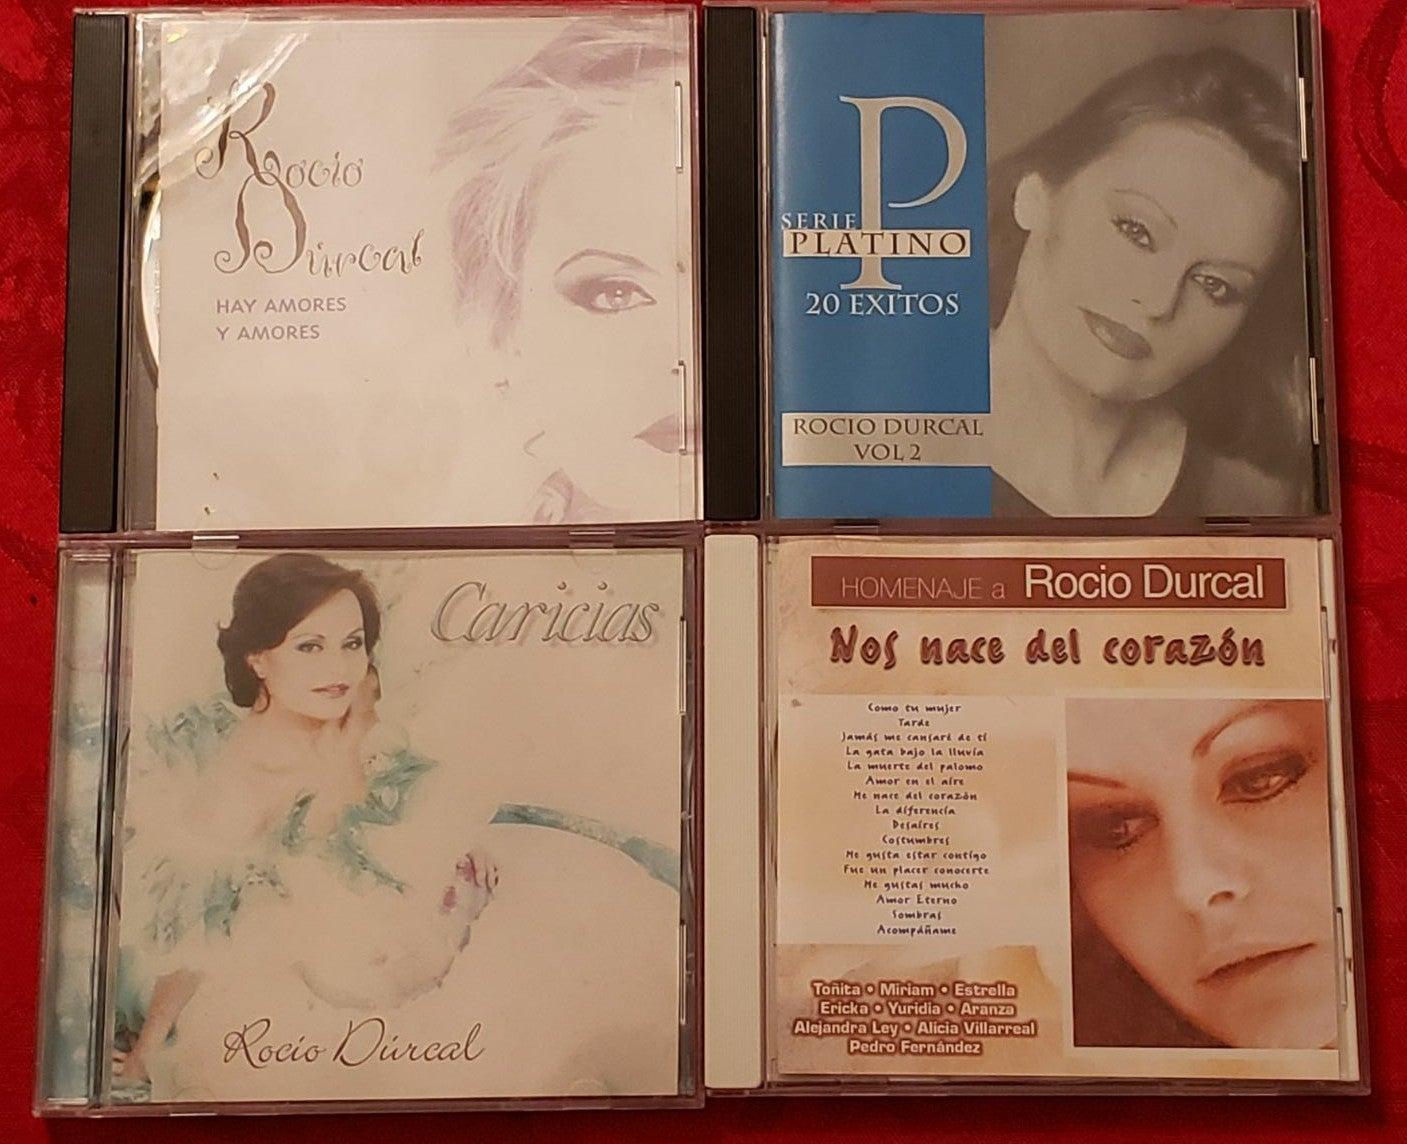 Rocio Durcal collection